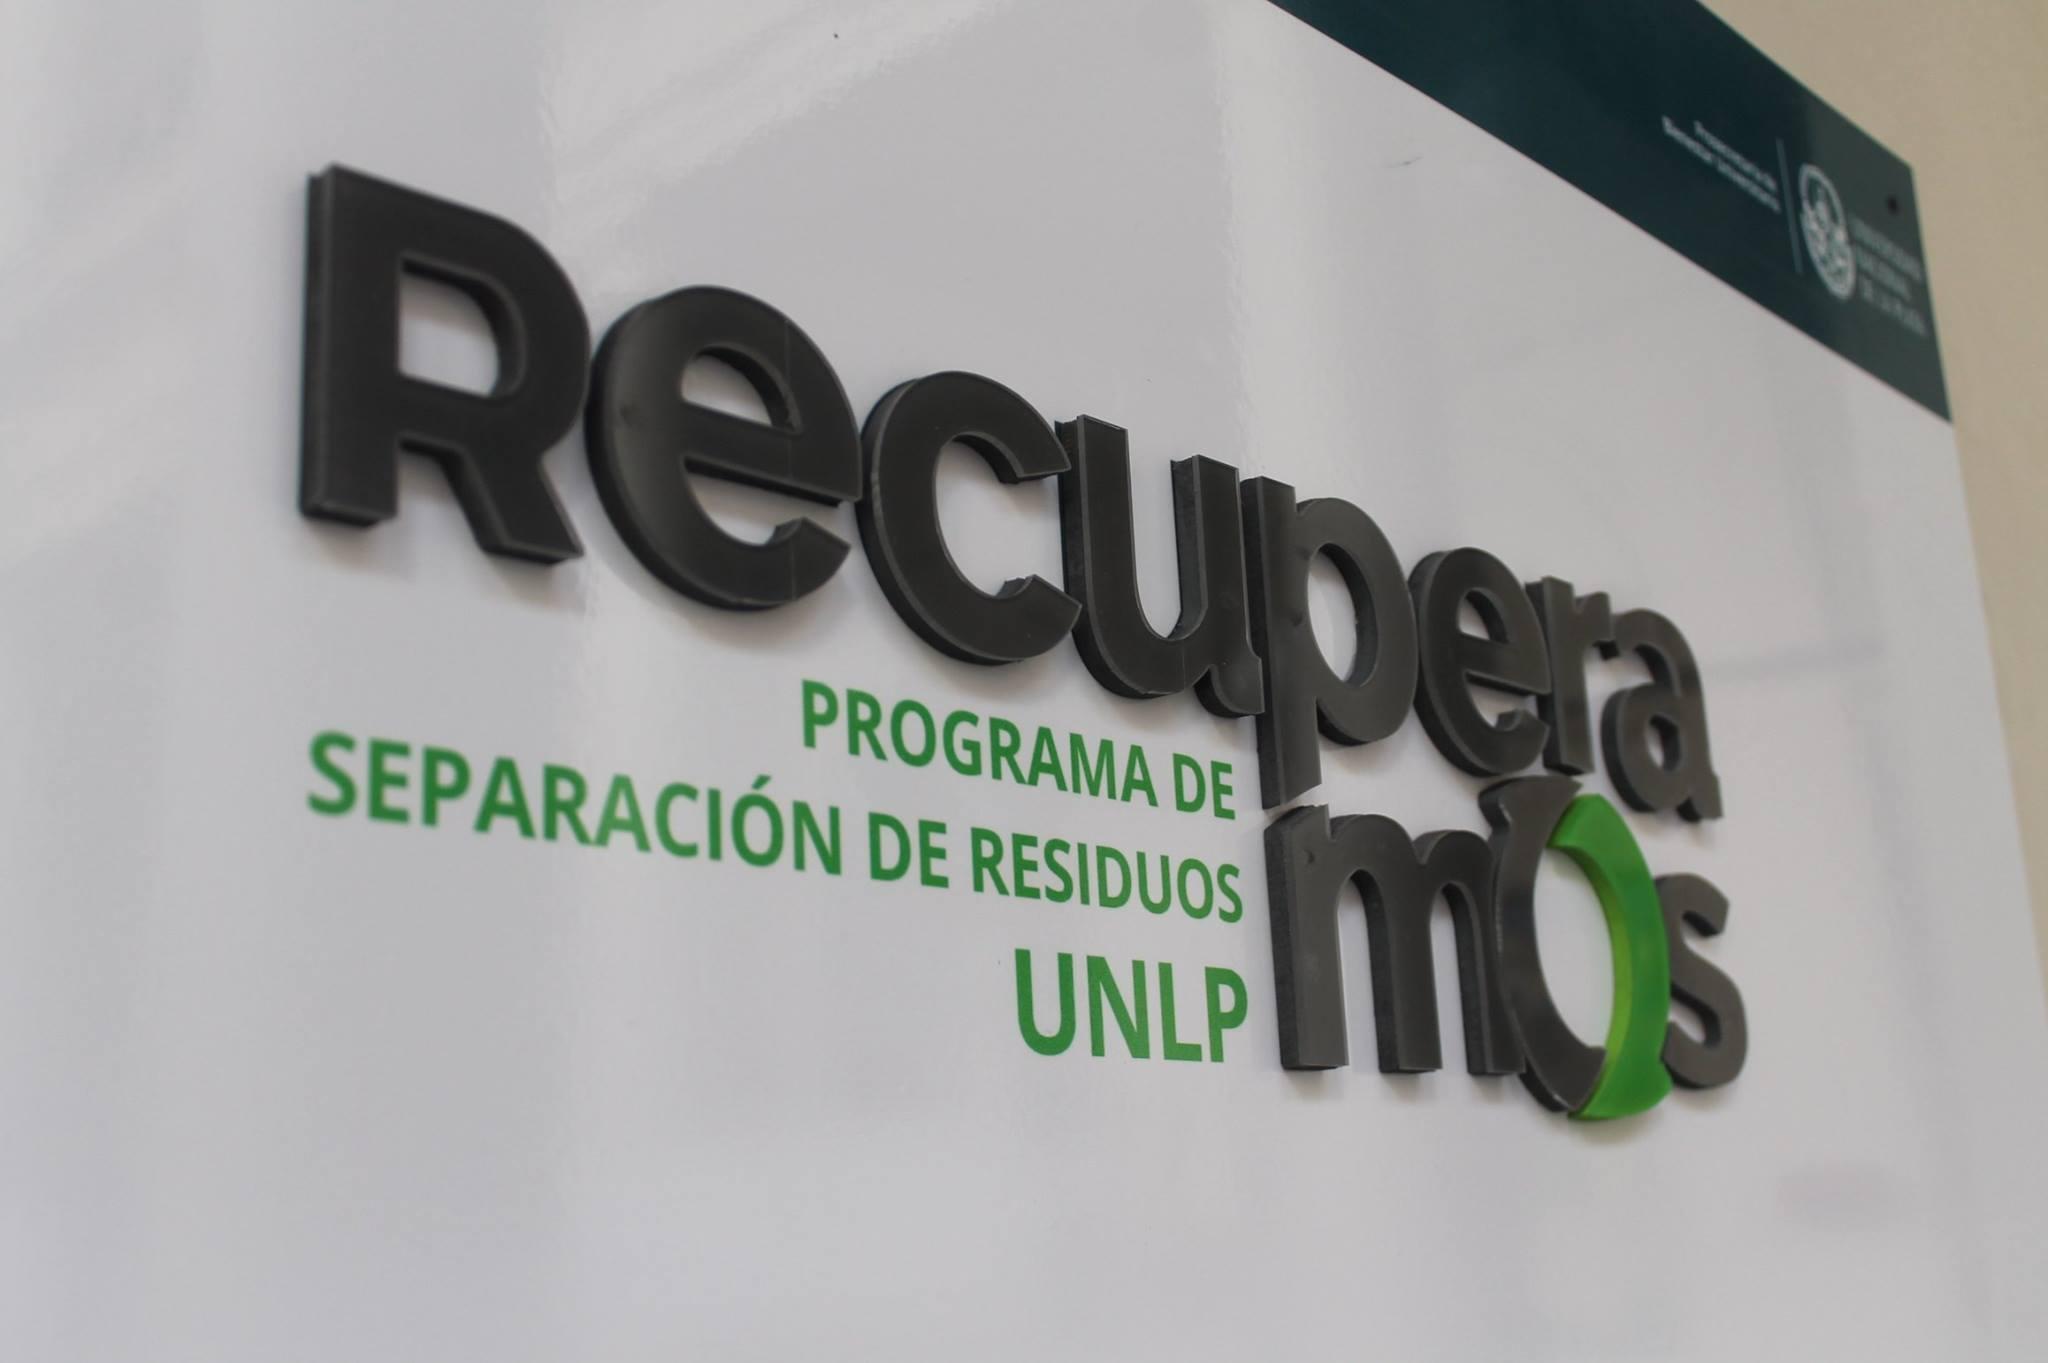 Cartelería del programa de reciclaje «Recuperamos» (2015)